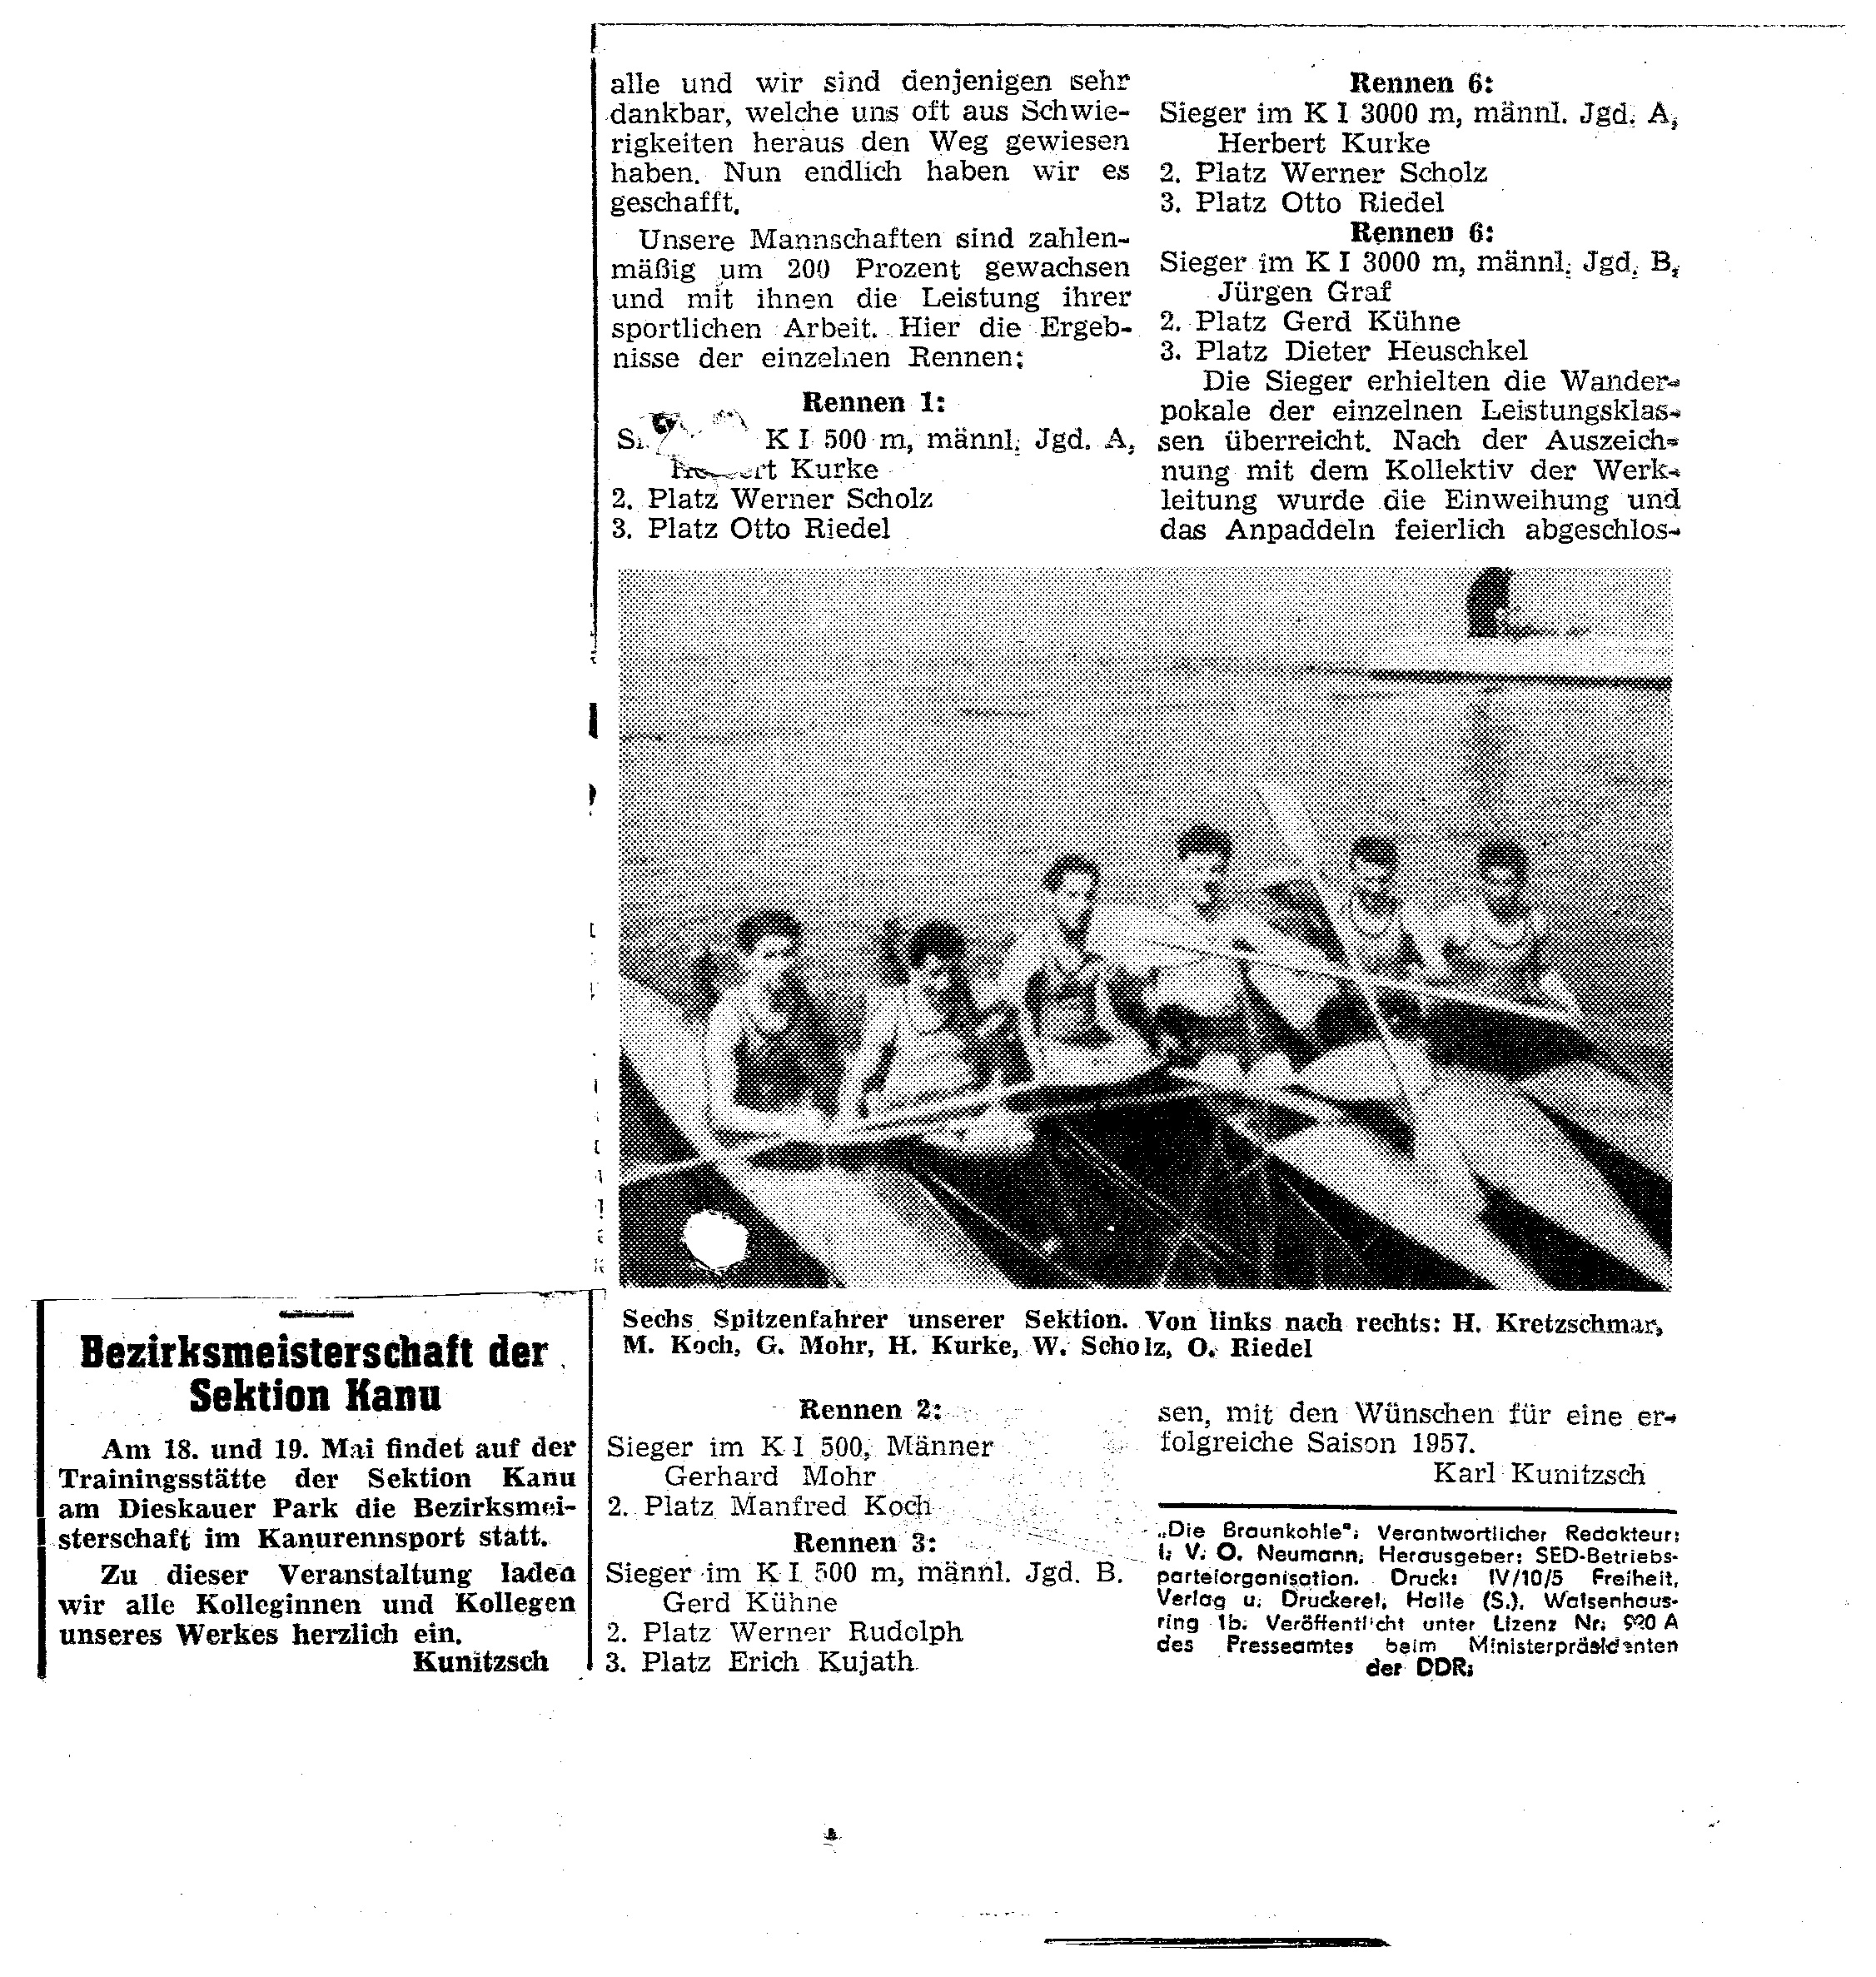 195x-05-19 Bezirksmeisterschaft der Sektion Kanu